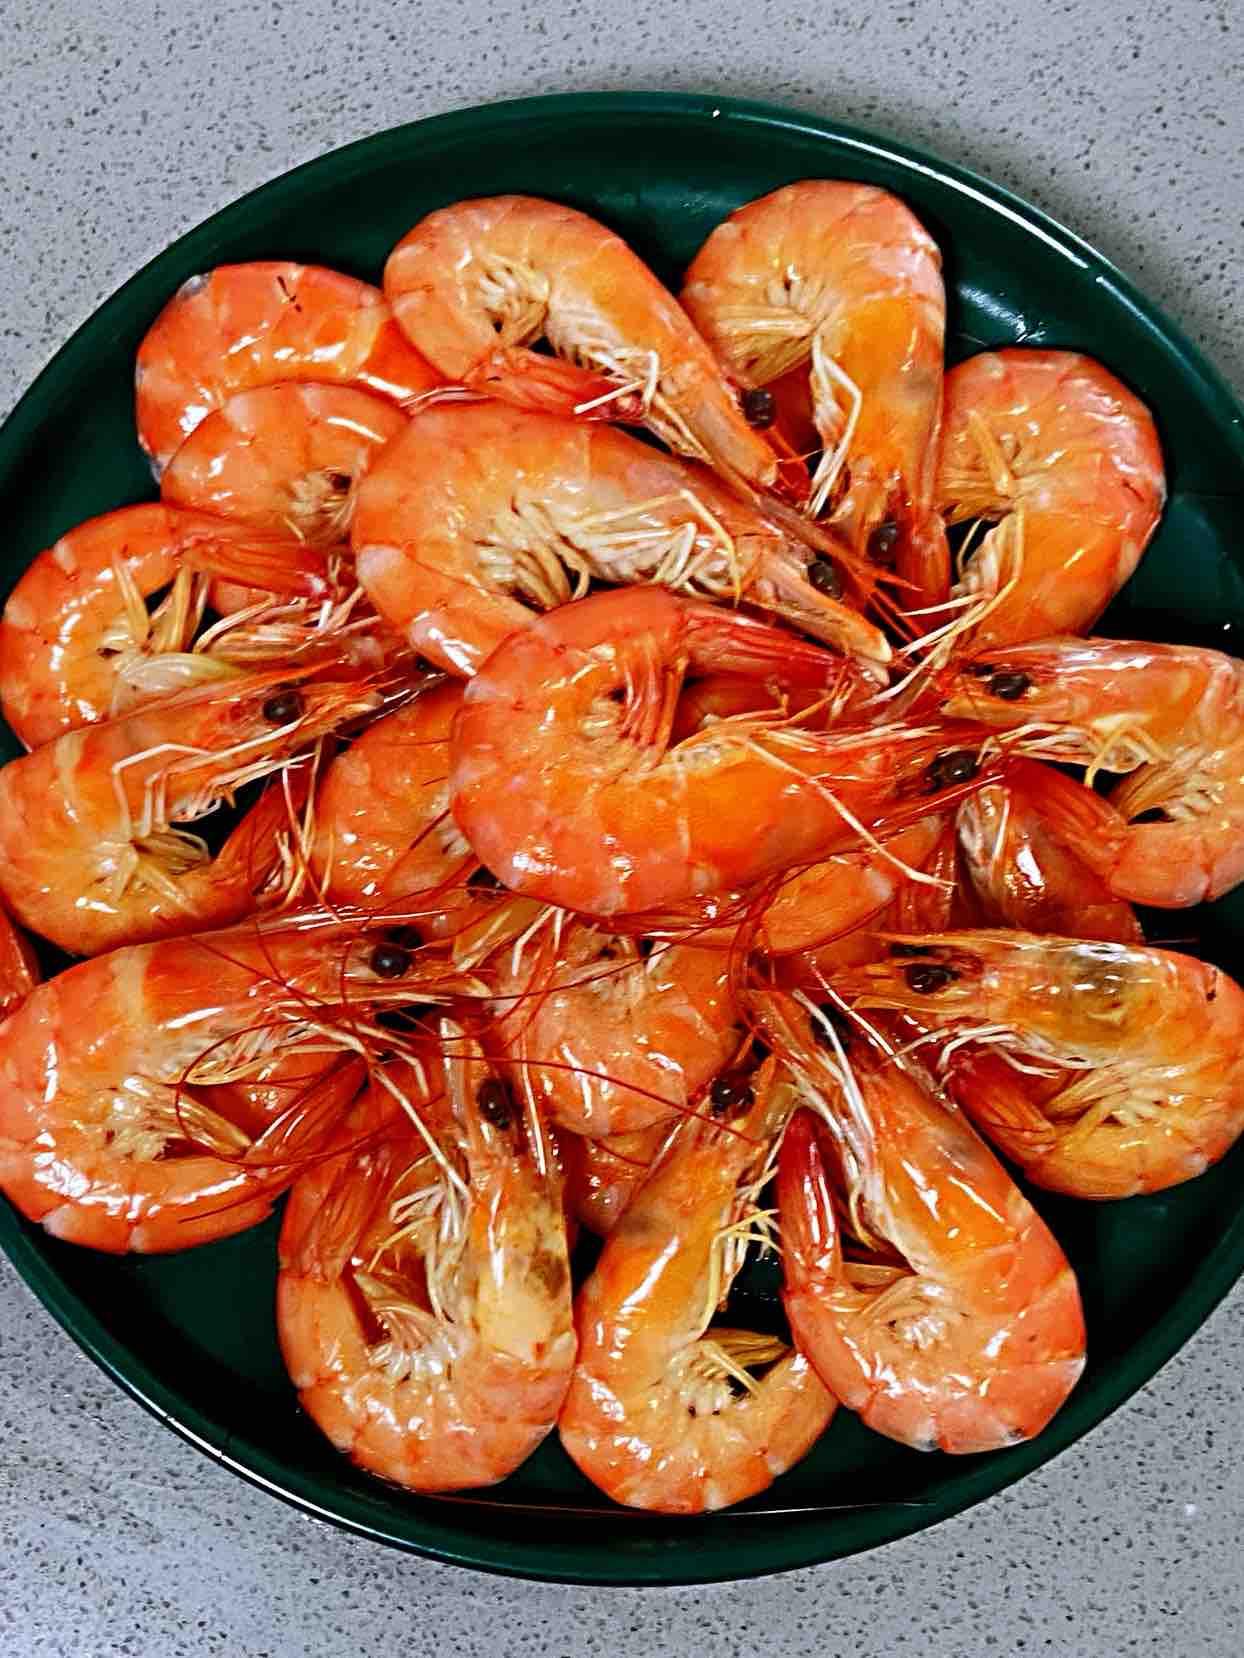 【孕婦食譜】白灼大蝦,蝦肉甜嫩Q彈,低脂補鈣高蛋白,孕期必備~